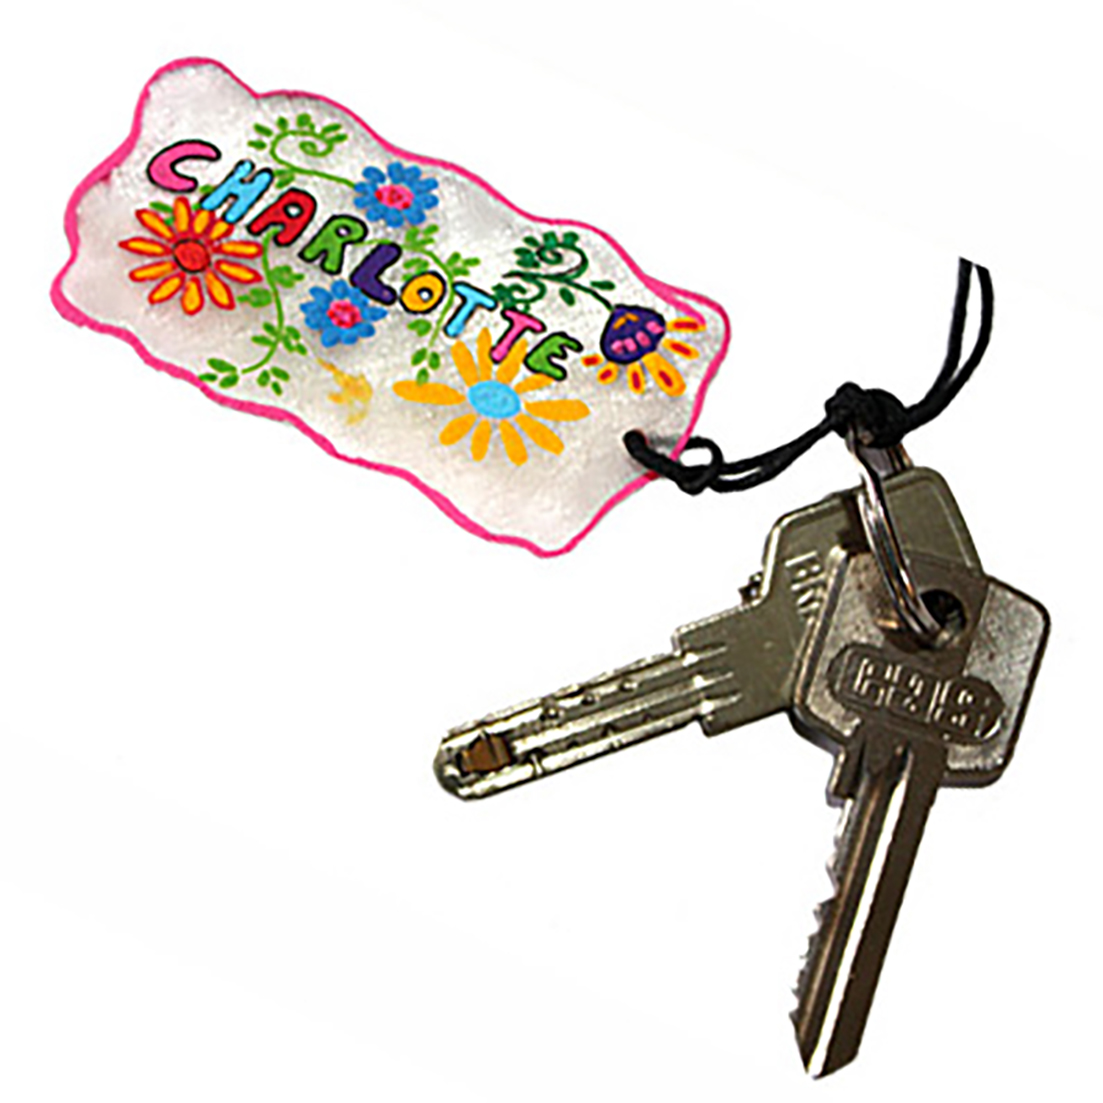 d68ab906ed88 Porte-clé en plastique magique pour la fête des mères - bricolage ...